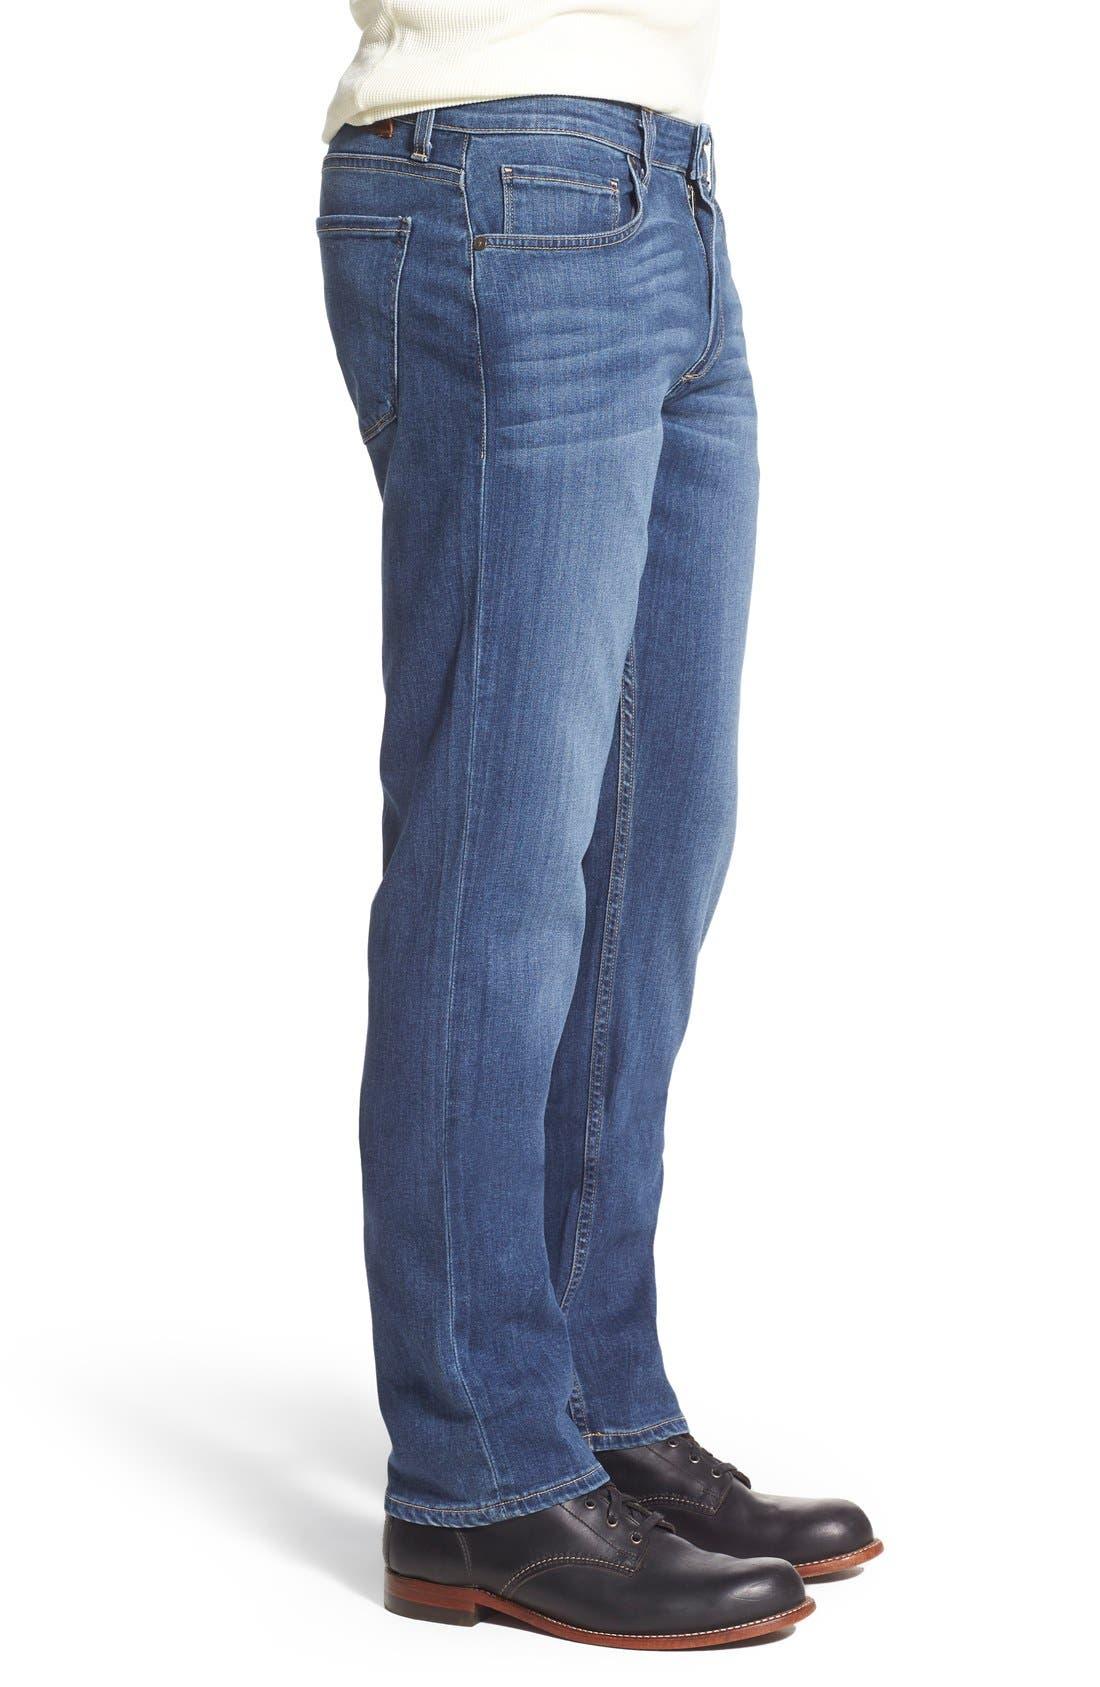 PAIGE, Transcend - Normandie Straight Leg Jeans, Alternate thumbnail 9, color, BIRCH